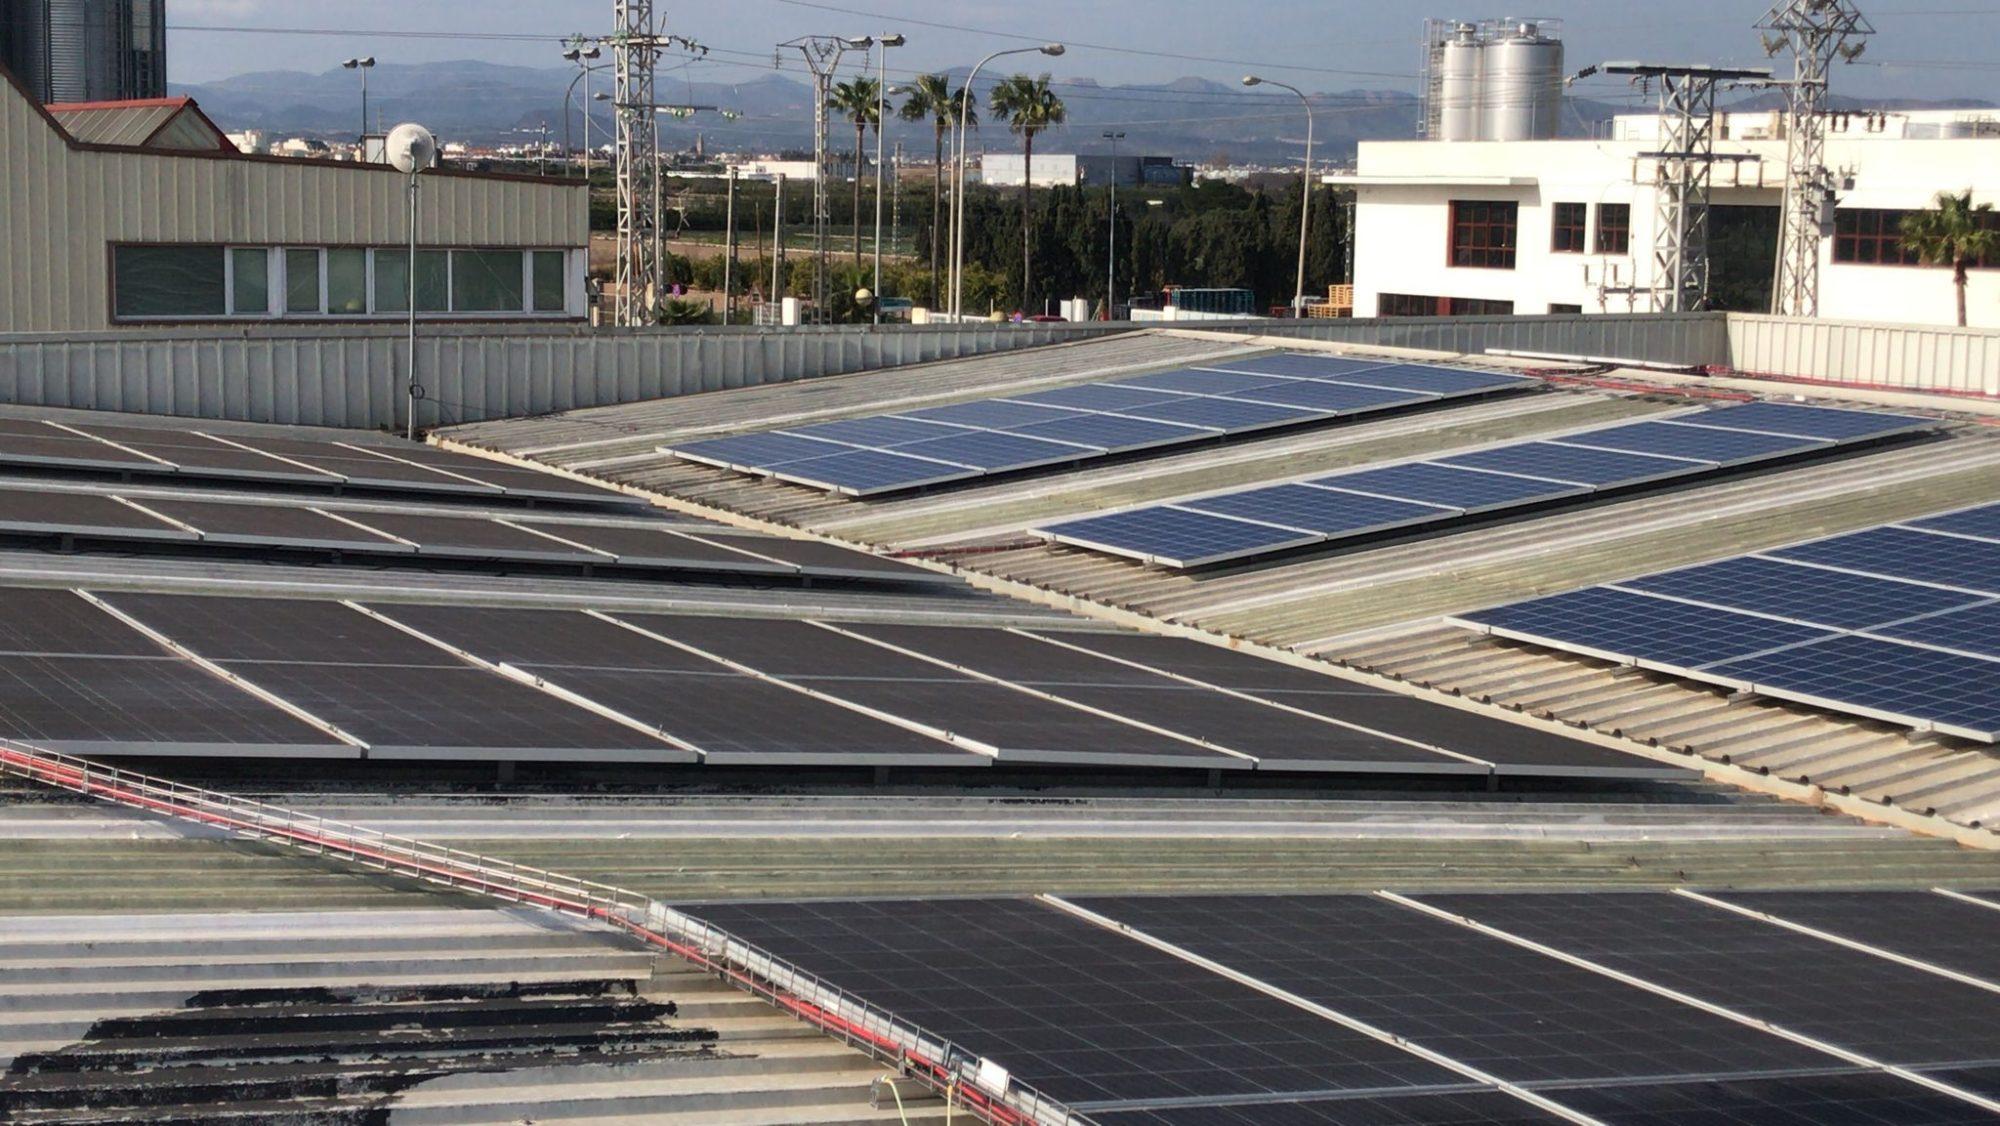 comparación entre paneles solares limpios y paneles solares sucios